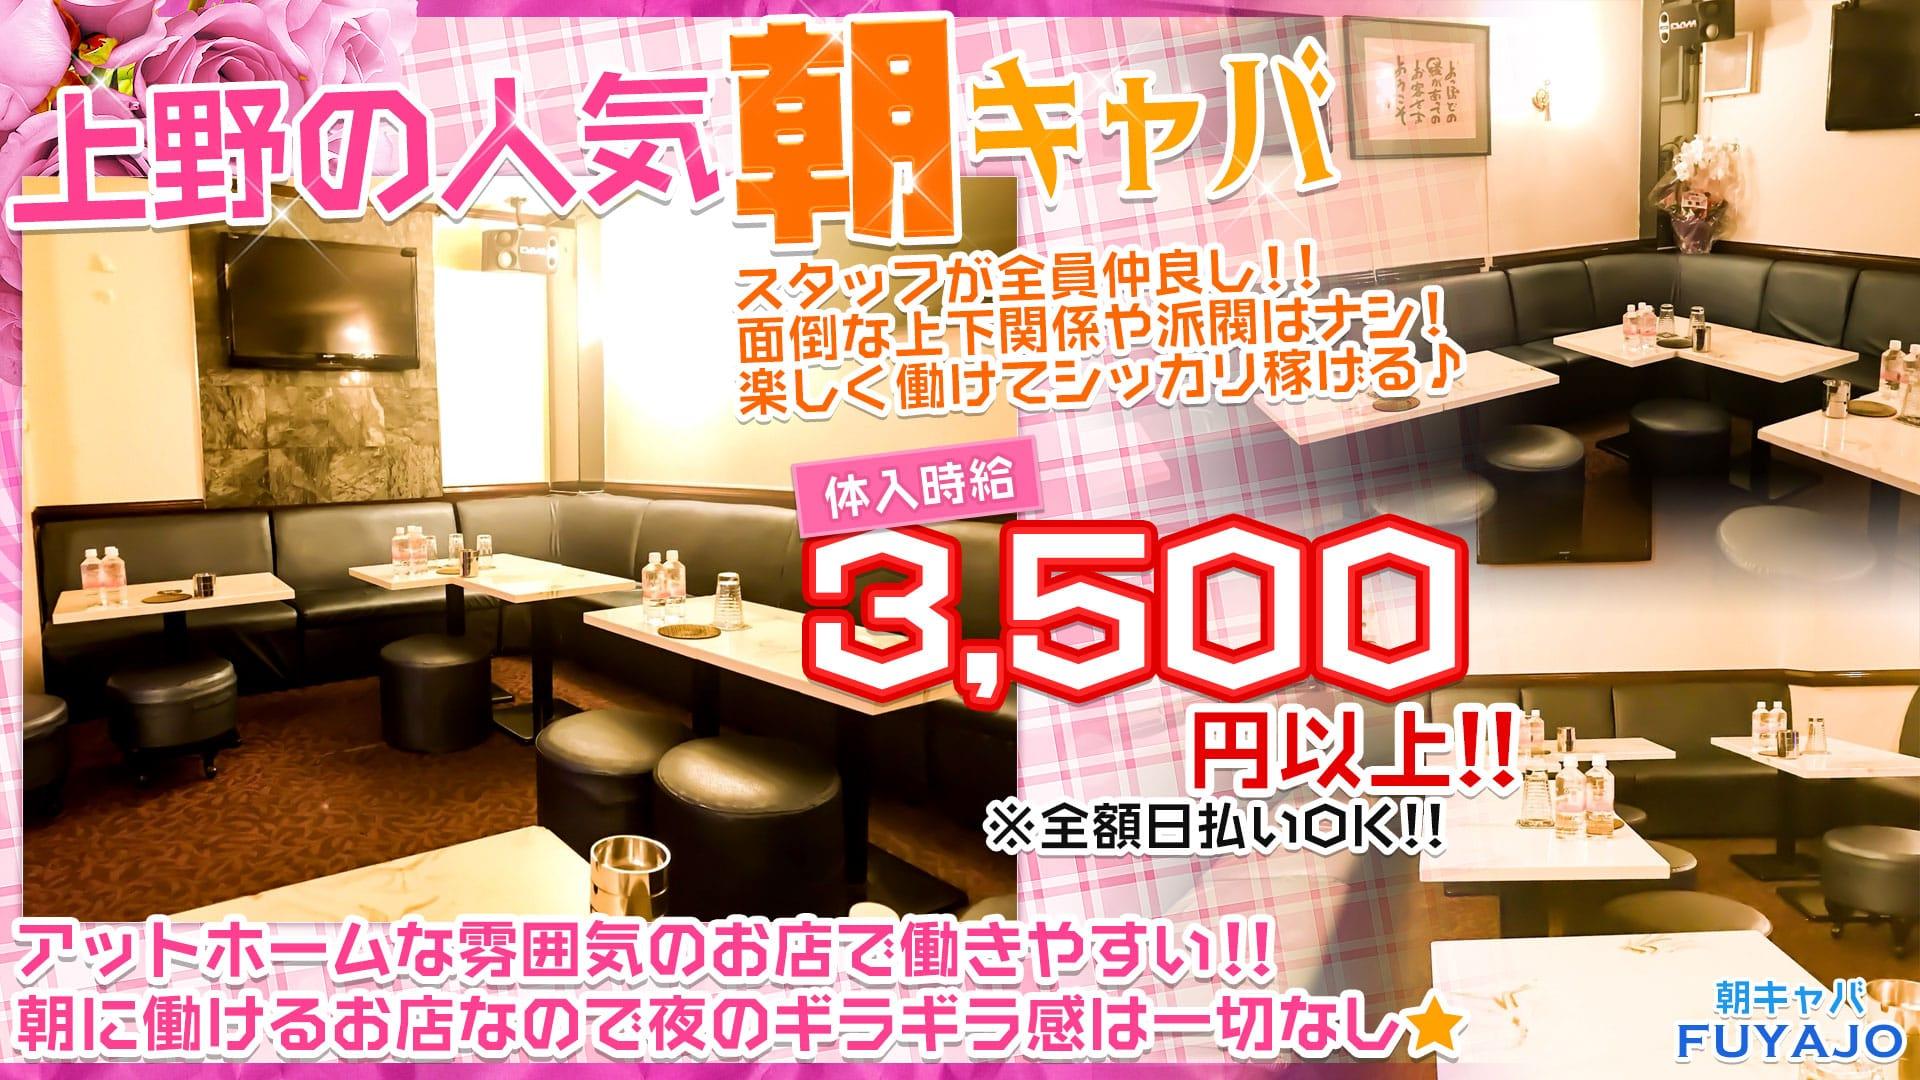 朝キャバ FUYAJO(フヤジョウ) TOP画像